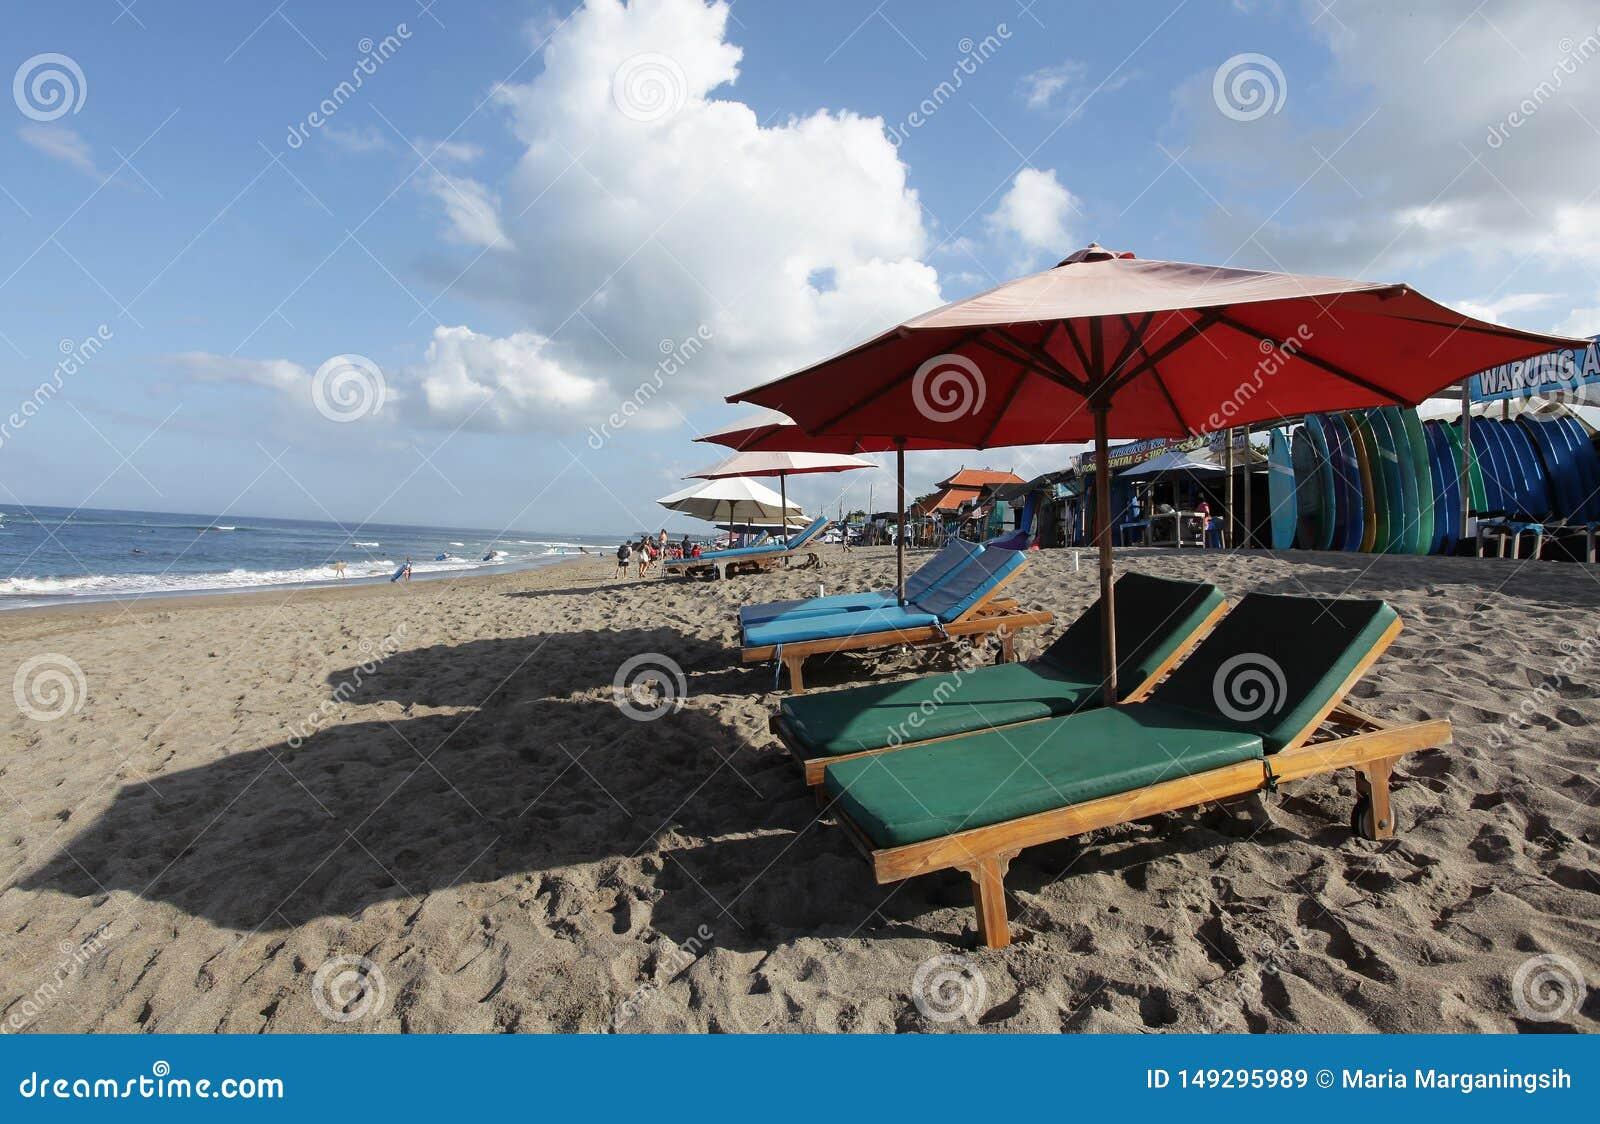 仓姑,印度尼西亚- 2019年5月27日:冲浪者海滩和水橇板出租等待的顾客地方商店来日间租赁